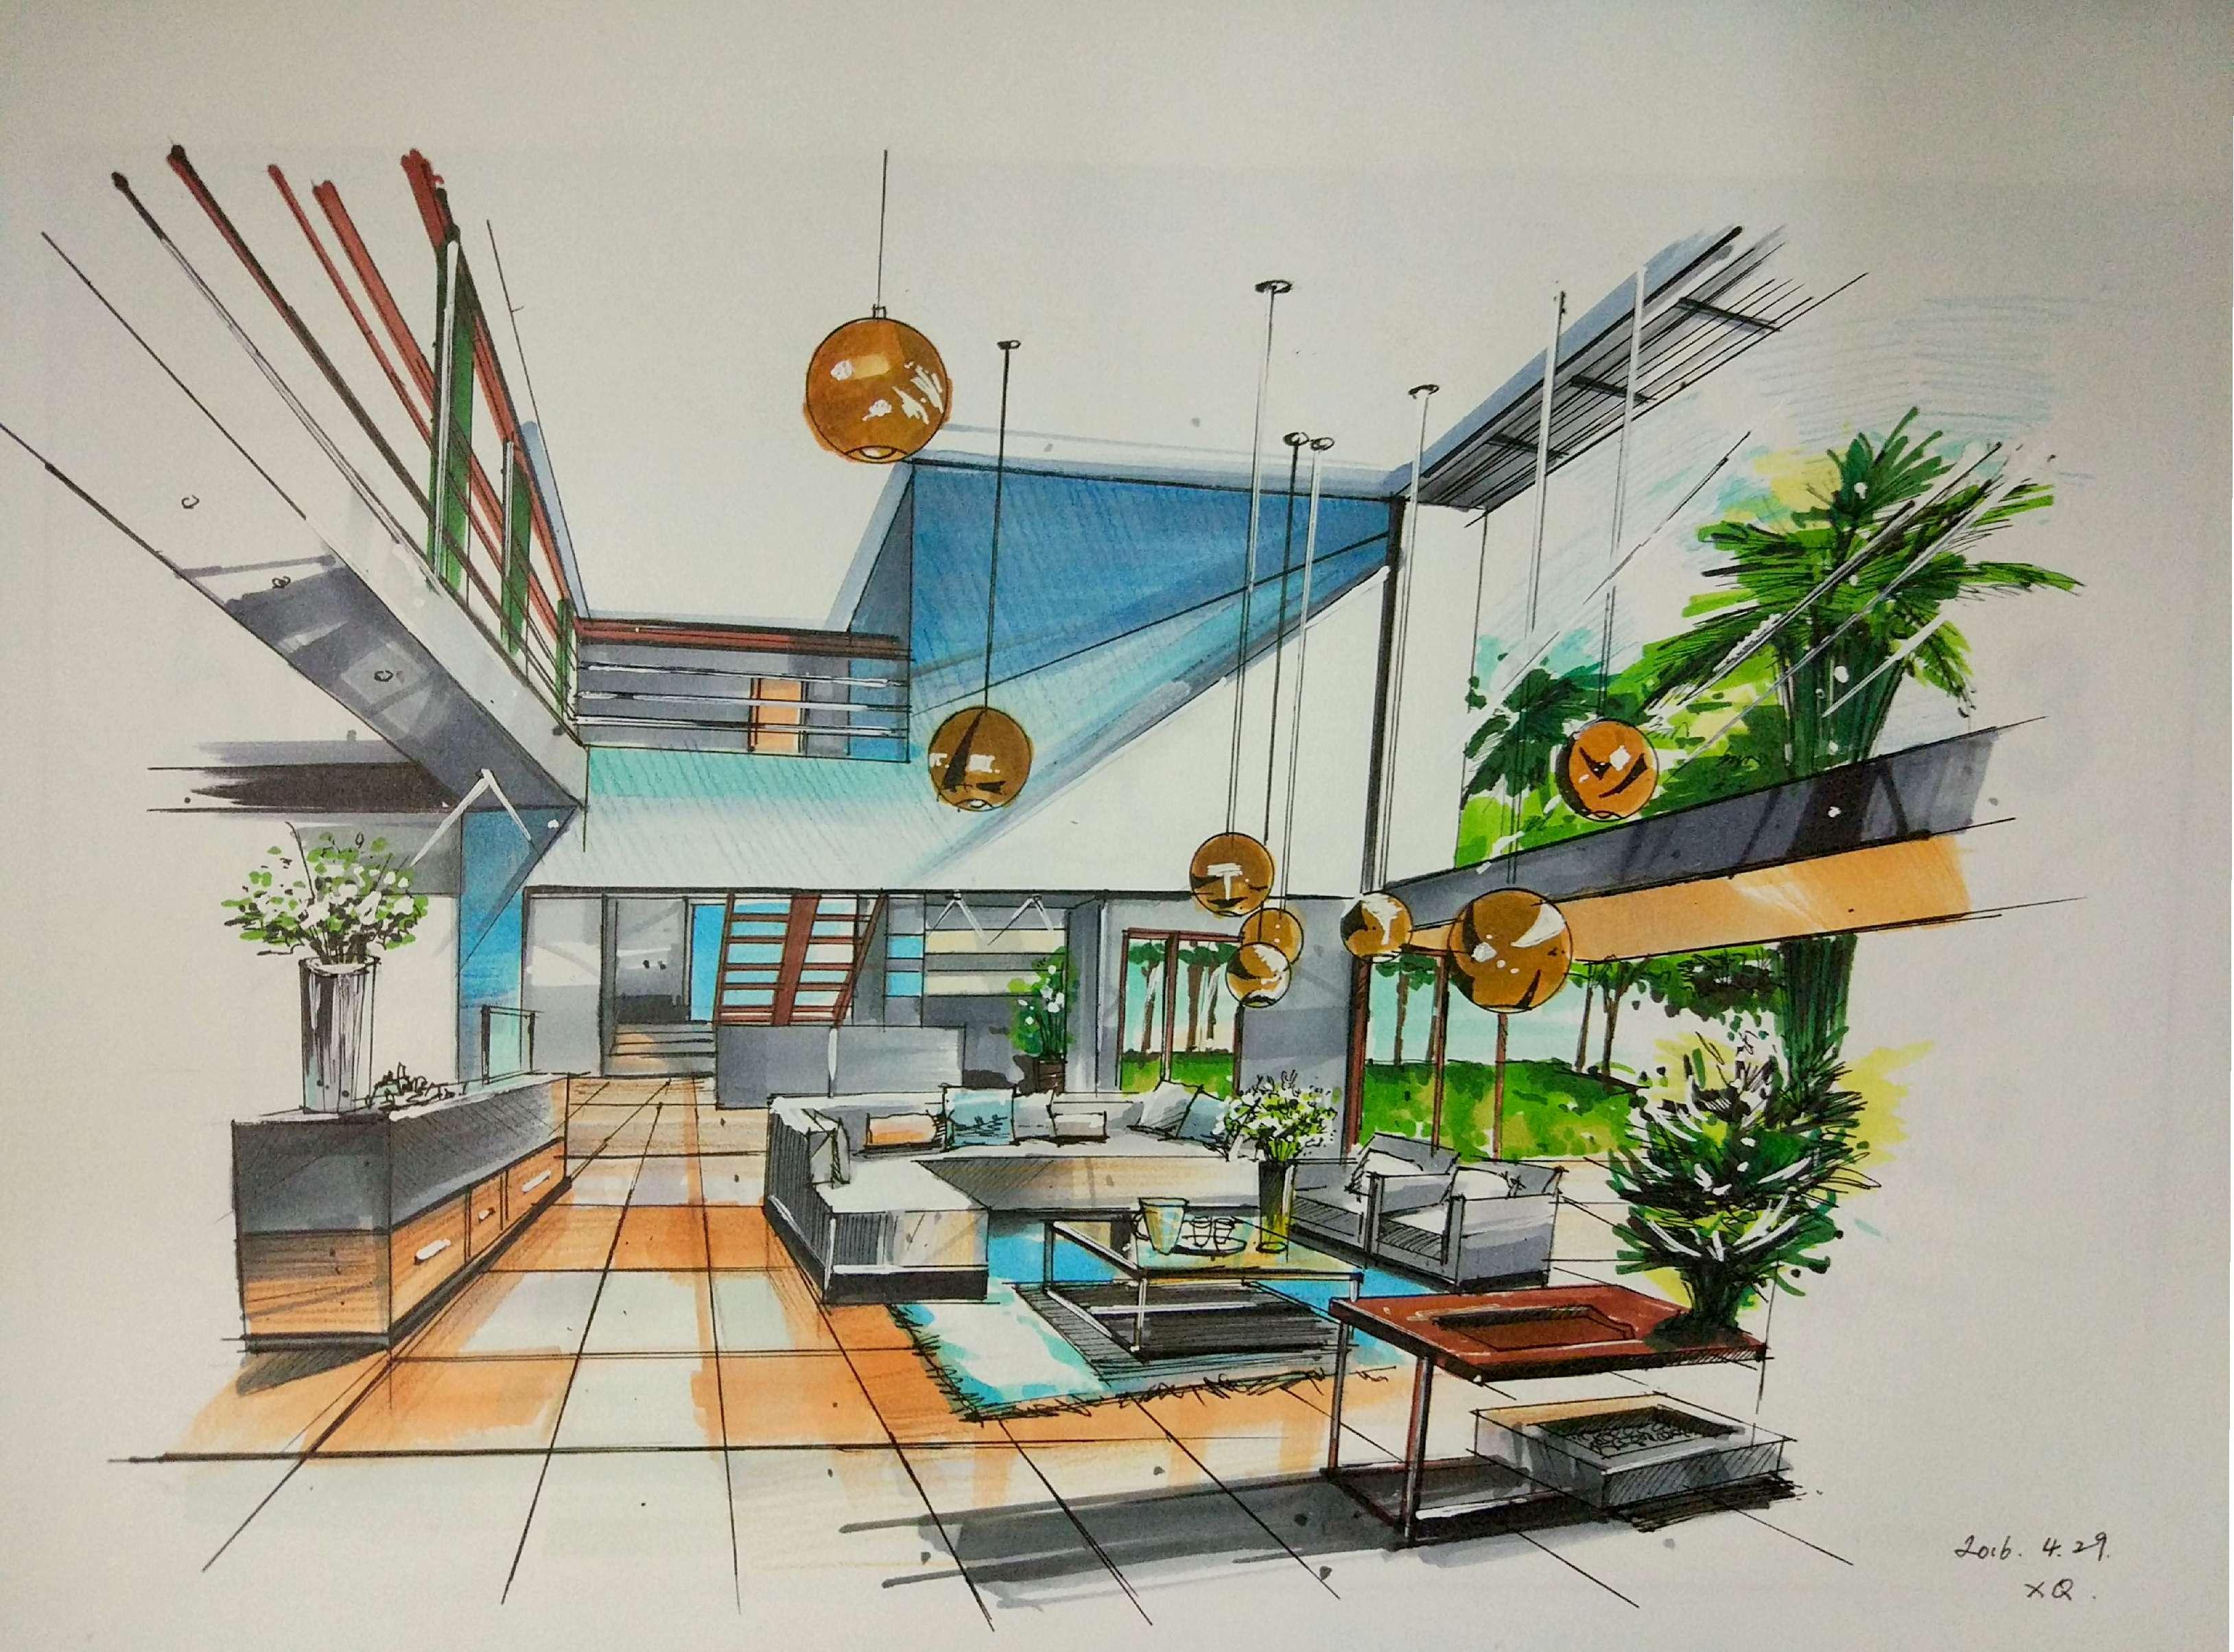 室内手绘|空间|室内设计|尚贤 - 原创作品 - 站酷